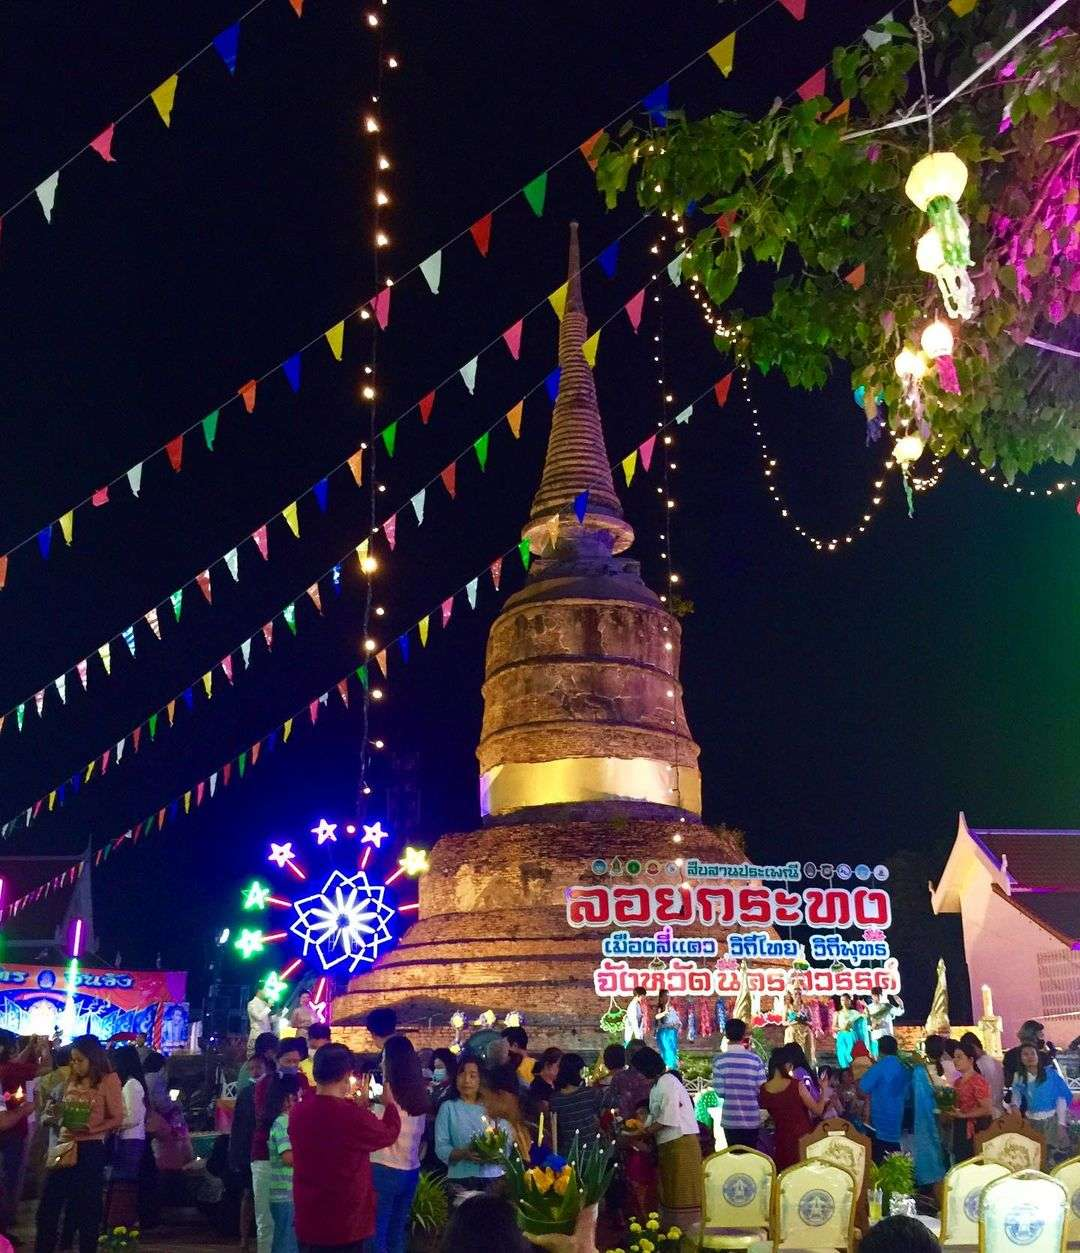 Loy Krathong 2020 in Thailand